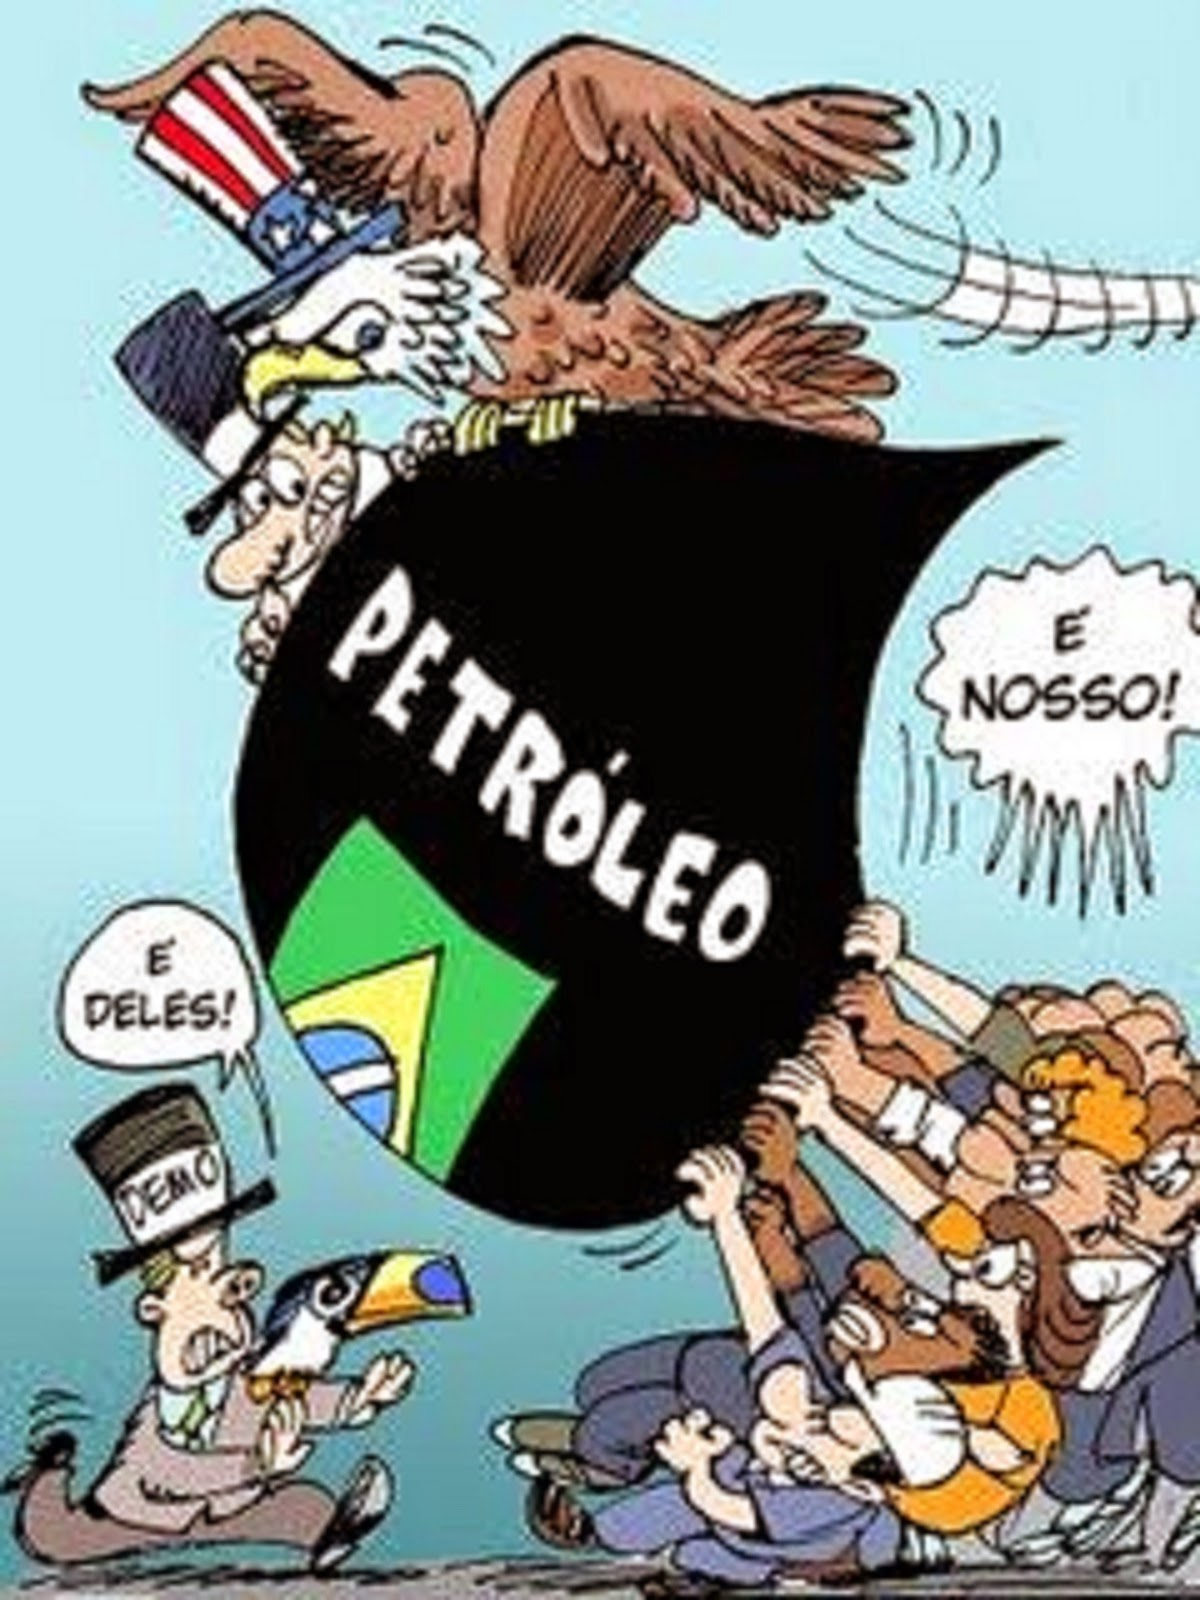 hight resolution of abaixo relacionamos documentos referente a embaixada americana no brasil e da ag ncia de intelig ncia stratfor que tem como alvo a petrobras